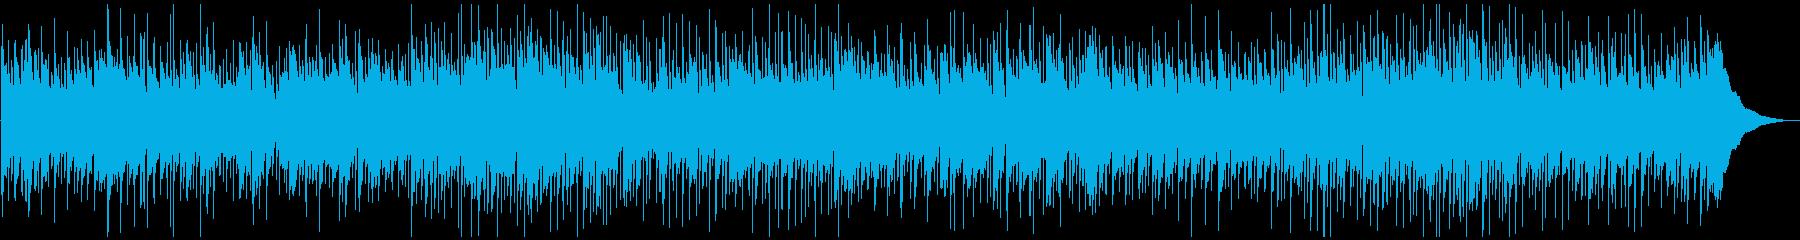 カントリー系のスローバラードの再生済みの波形